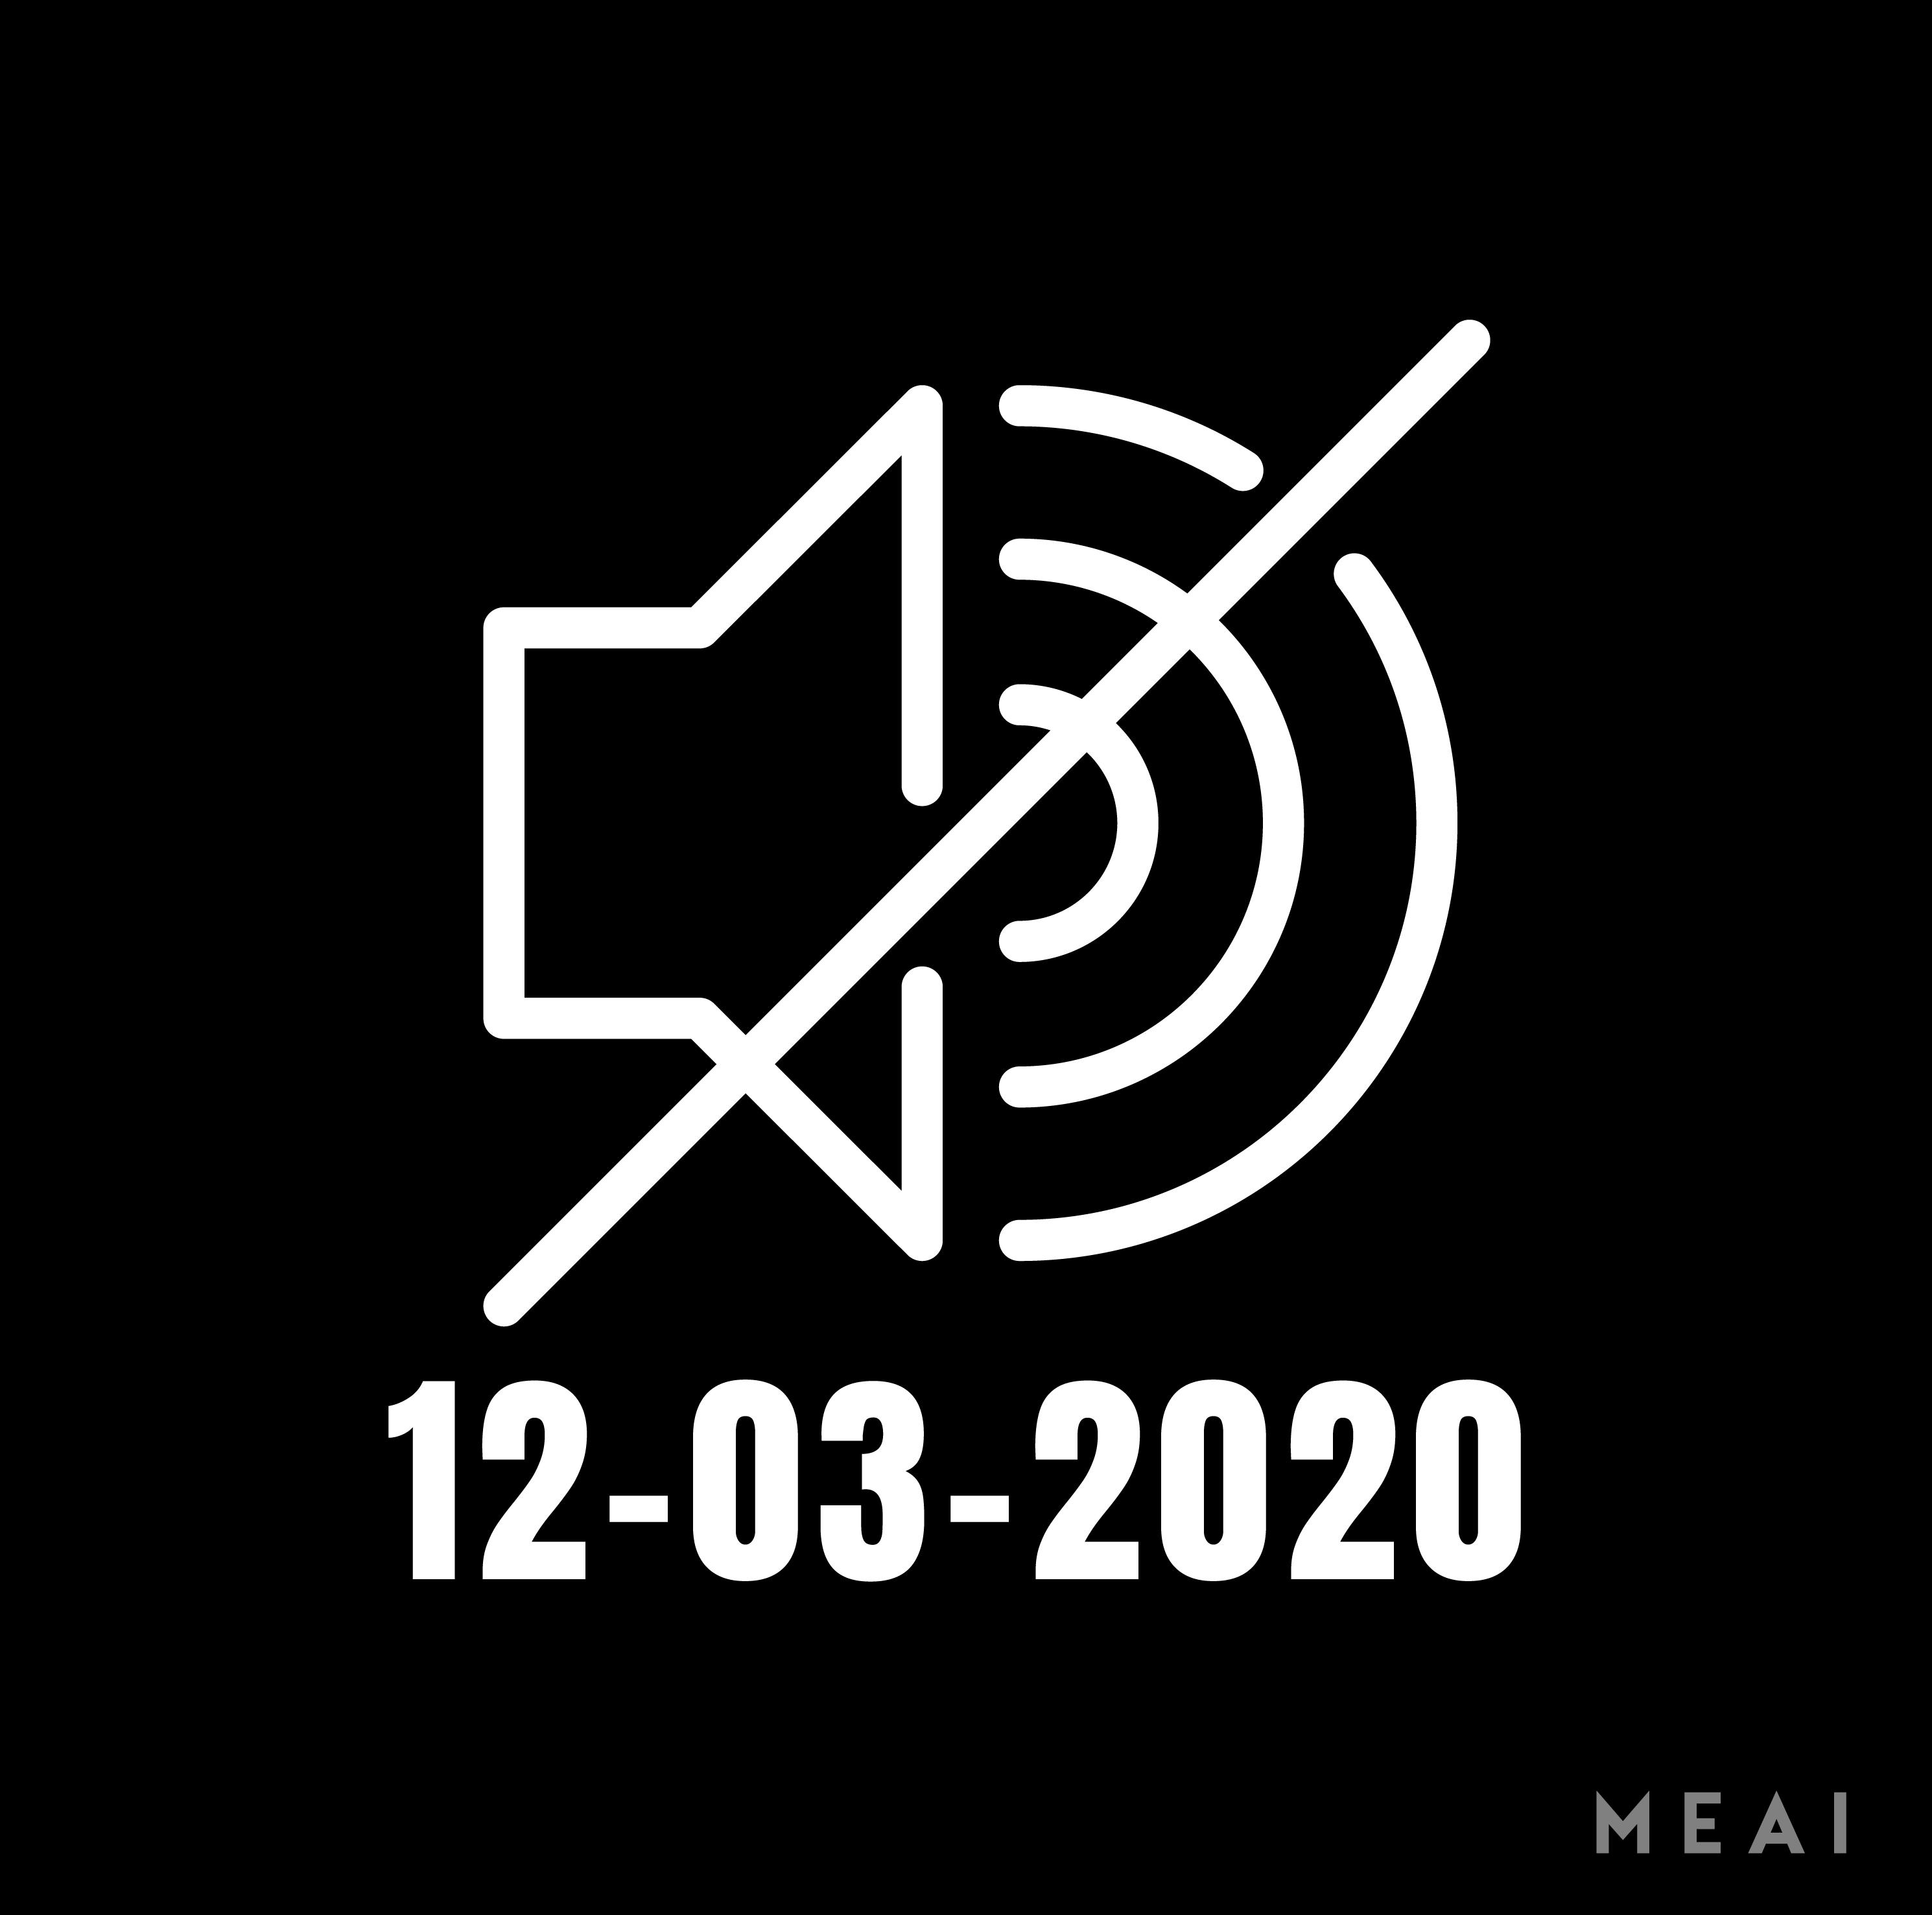 MEAI_Mute